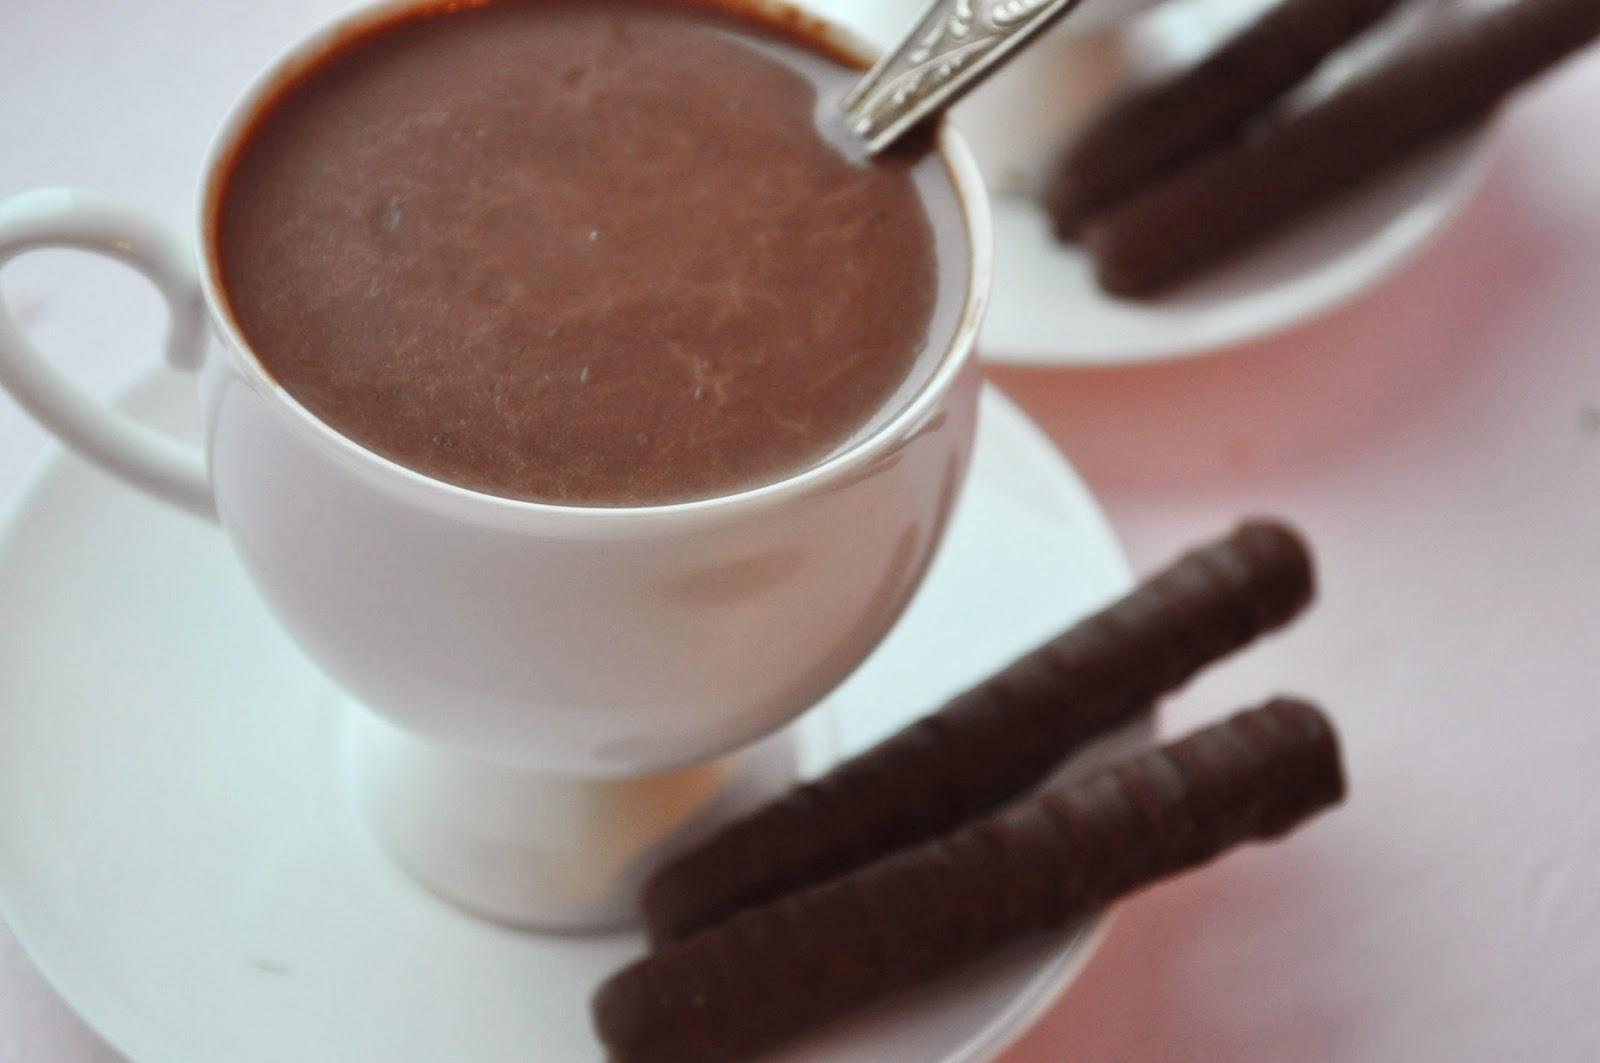 Как сделать кофе с шоколадом в домашних условиях